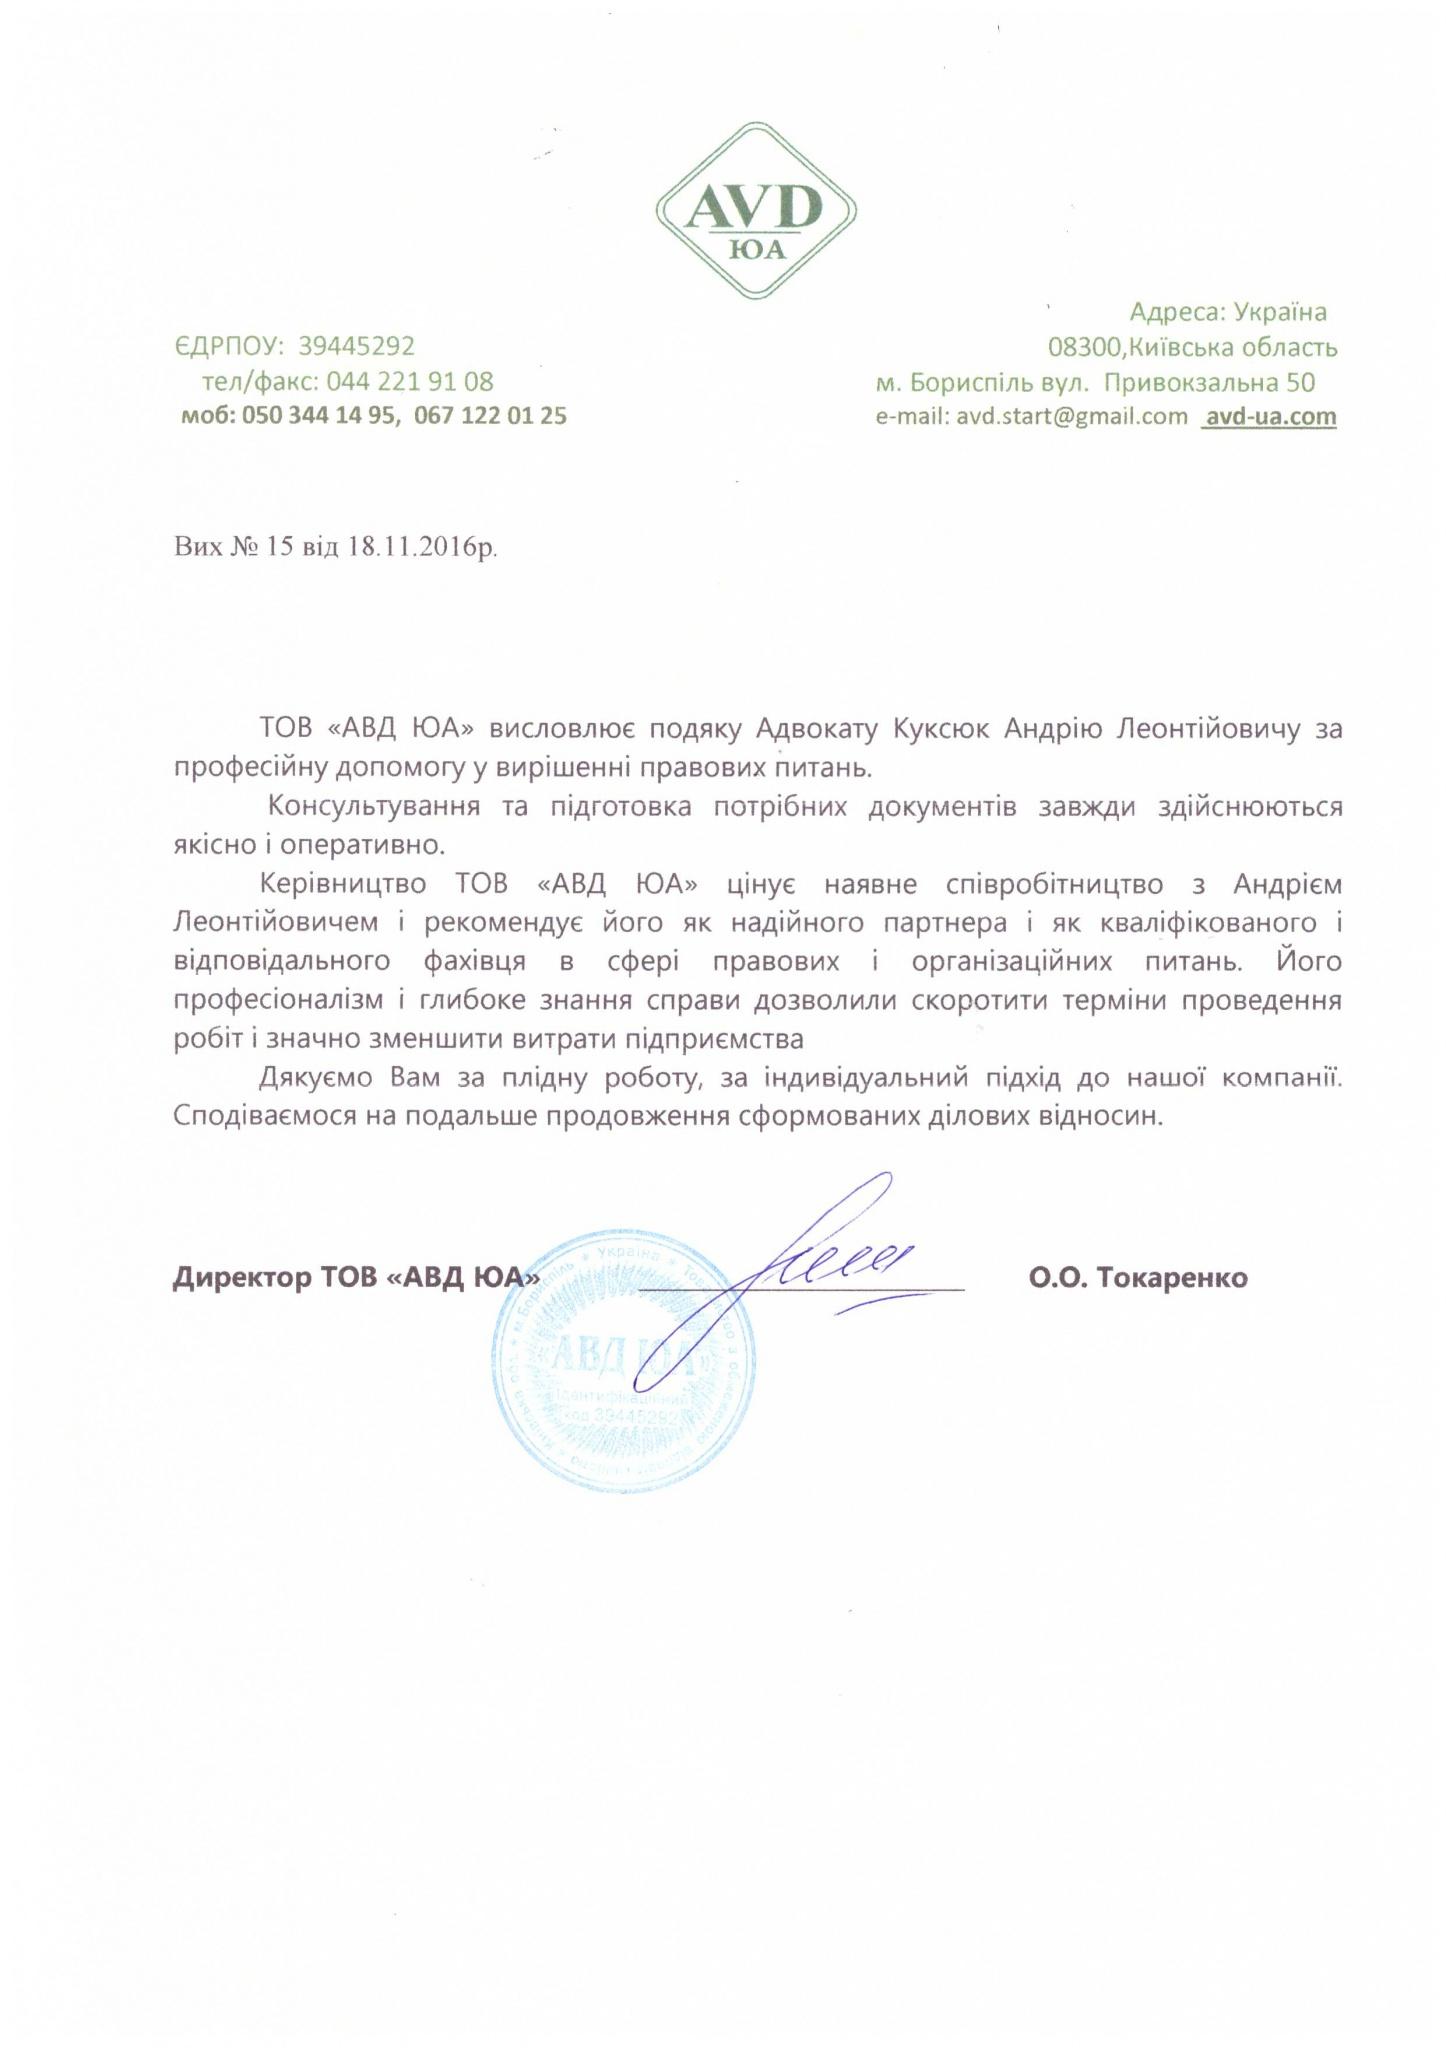 Рекомендаційний лист від Товариства з обмеженою відповідальністю «АВД ЮА»